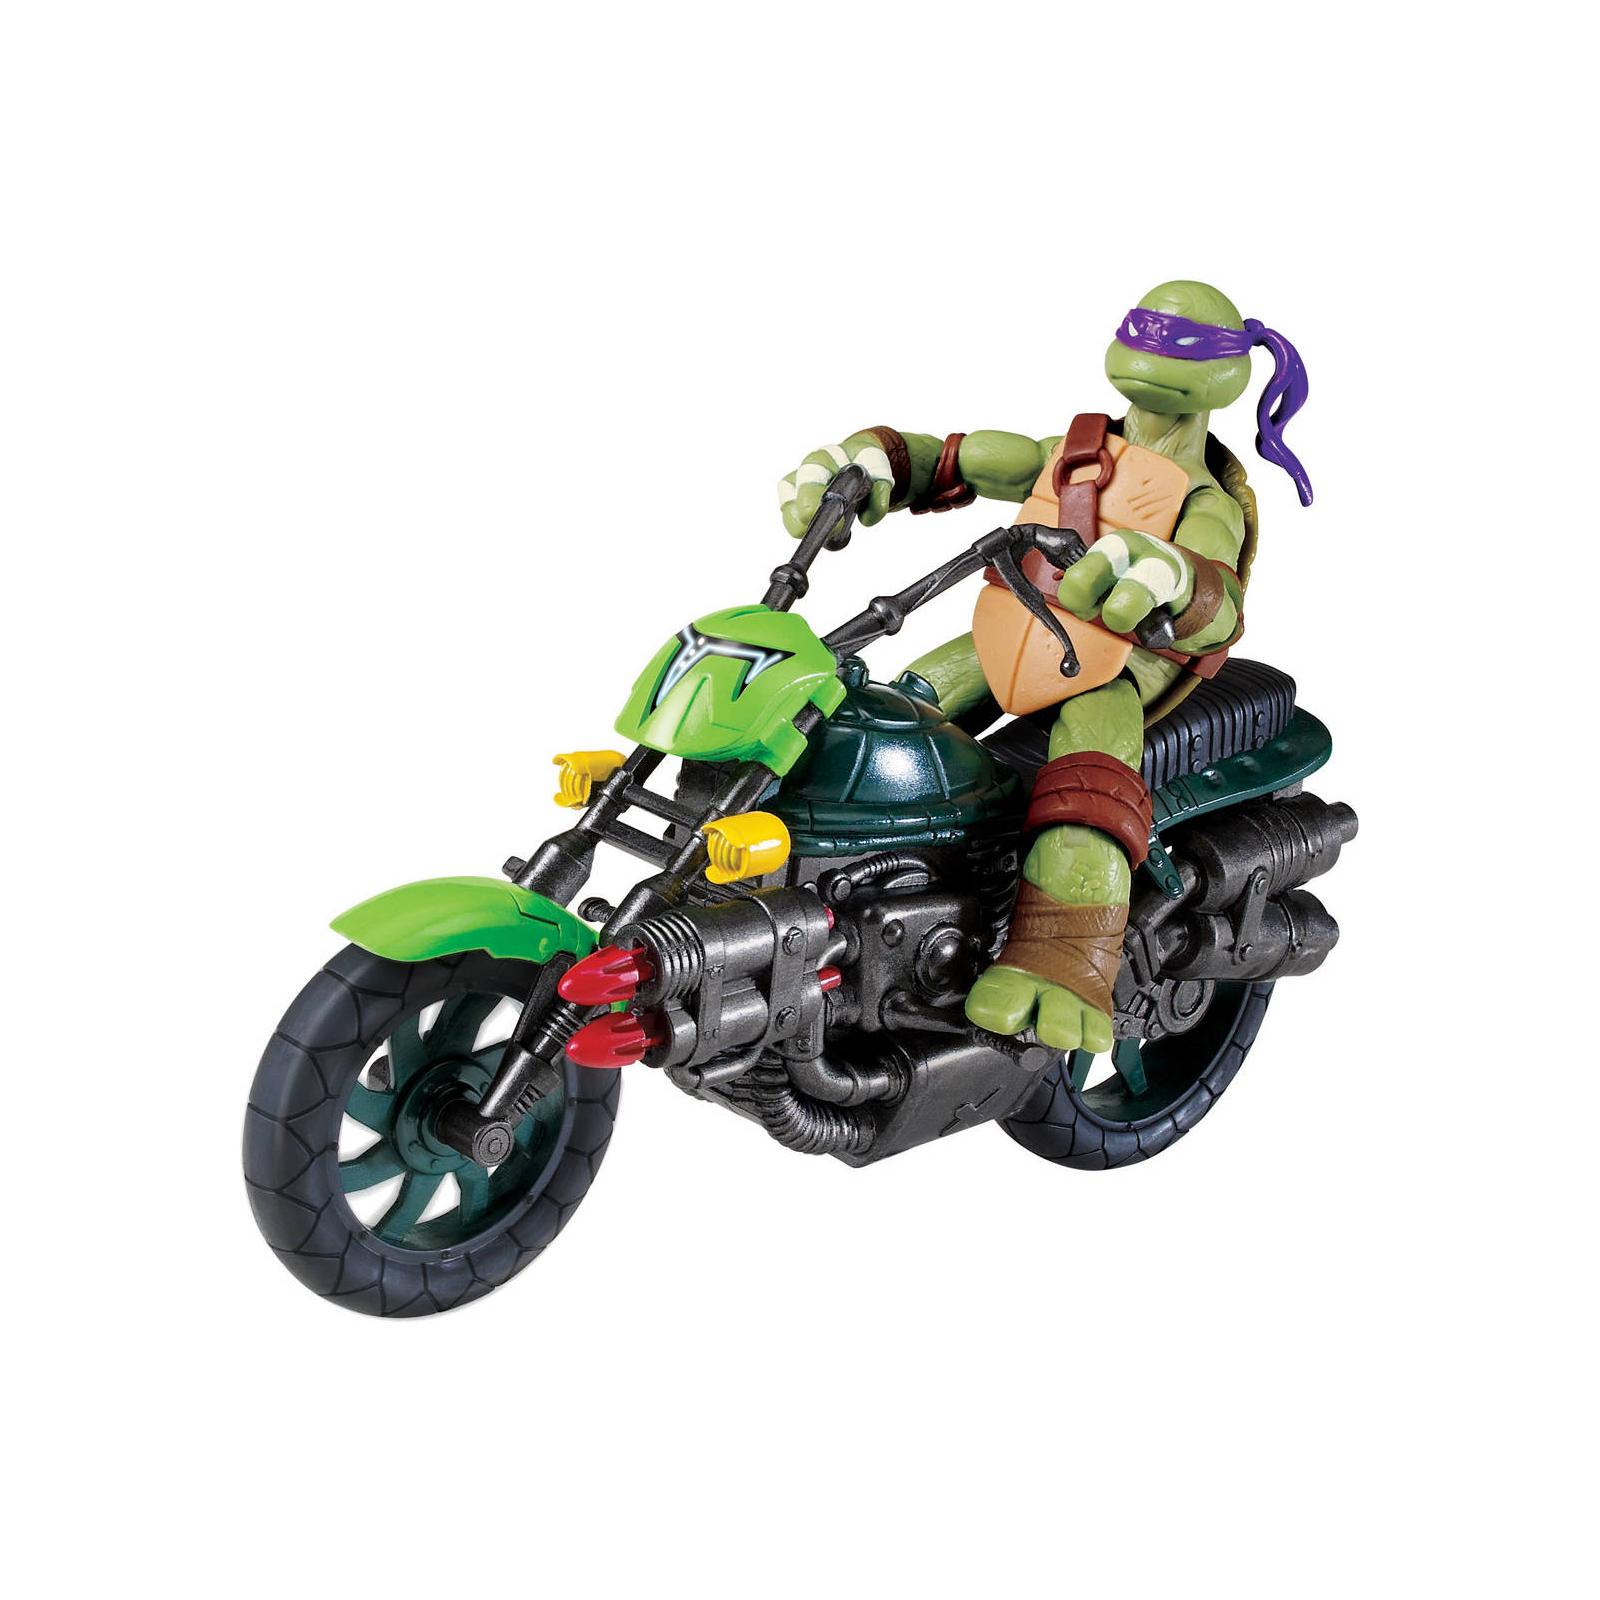 Игровой набор Playmates Черепашки Ниндзя Мотоцикл (без фигурки)<br>